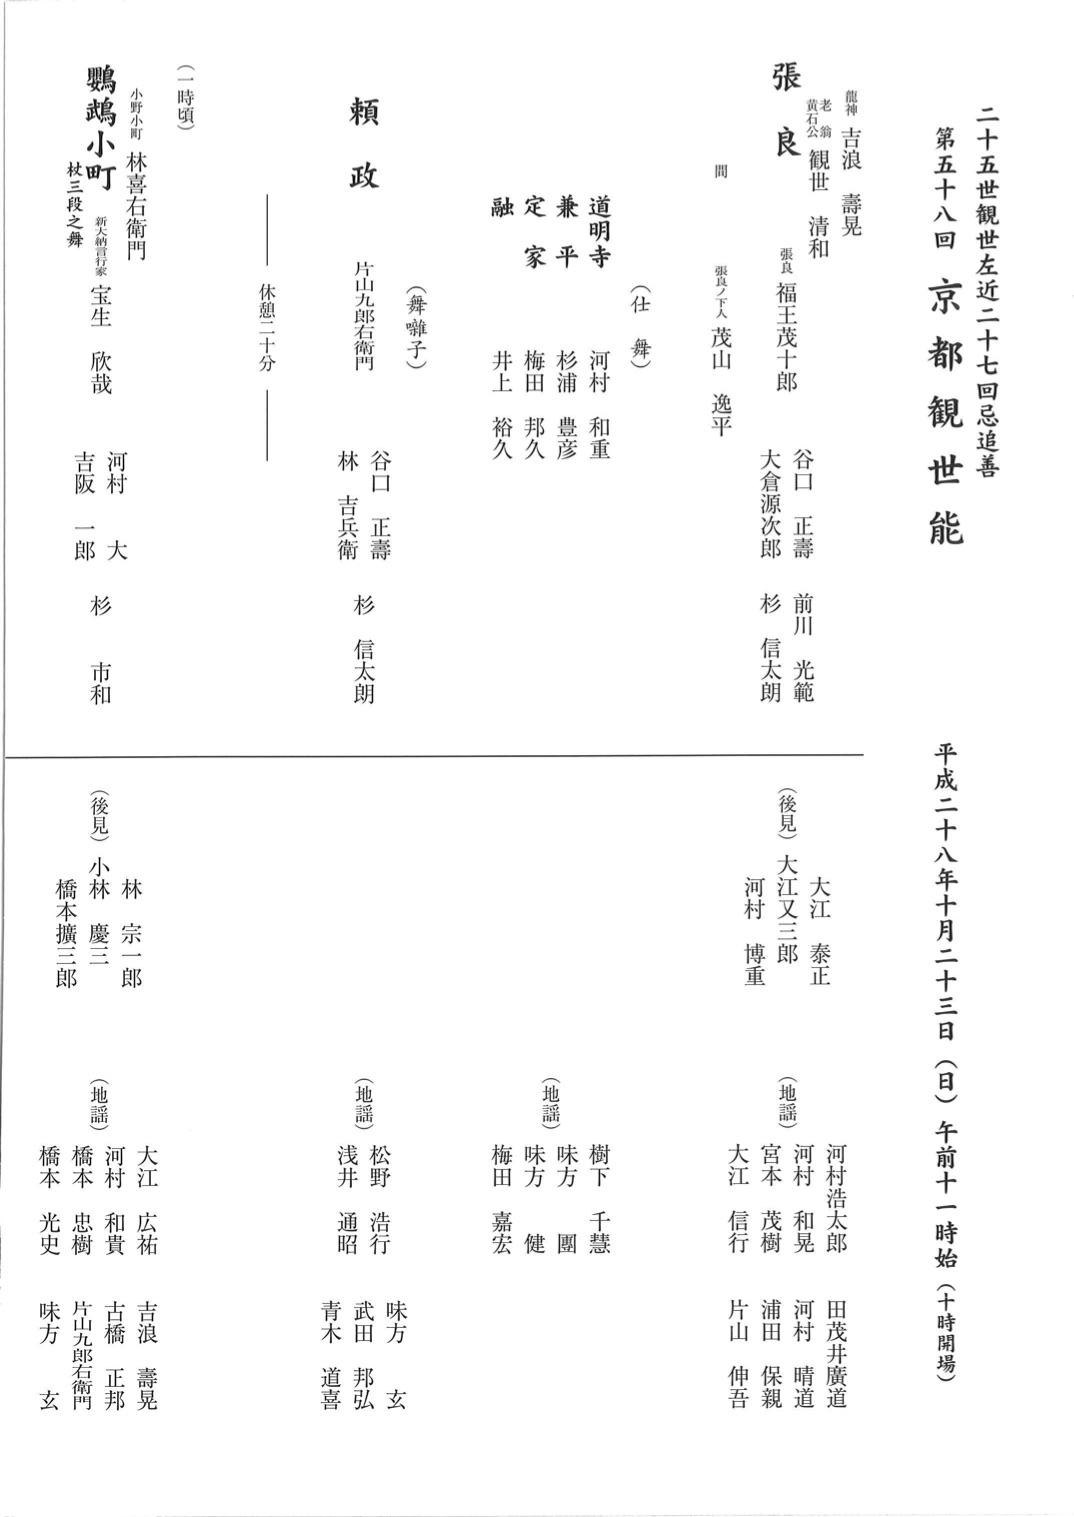 kyoto_kanzenoh2